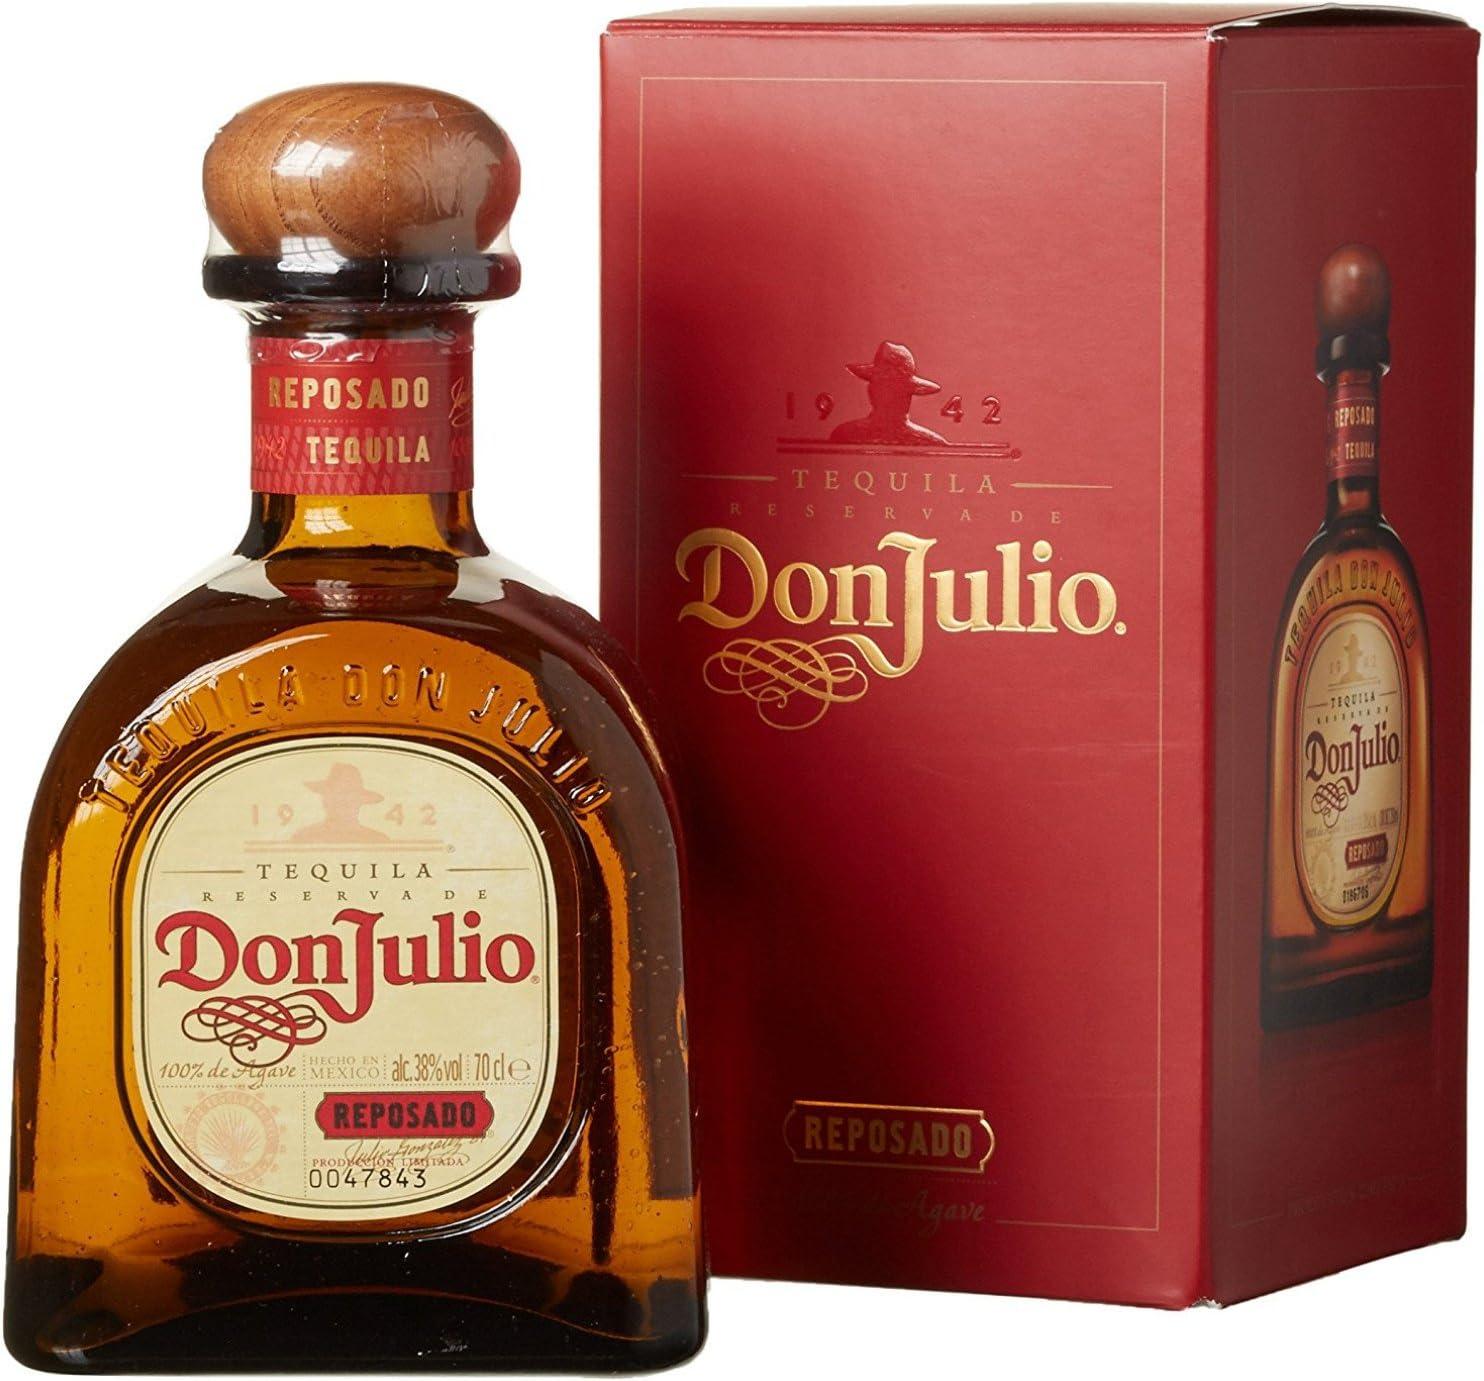 Don Julio Tequila Reposado - 700 ml: Amazon.es: Alimentación y bebidas